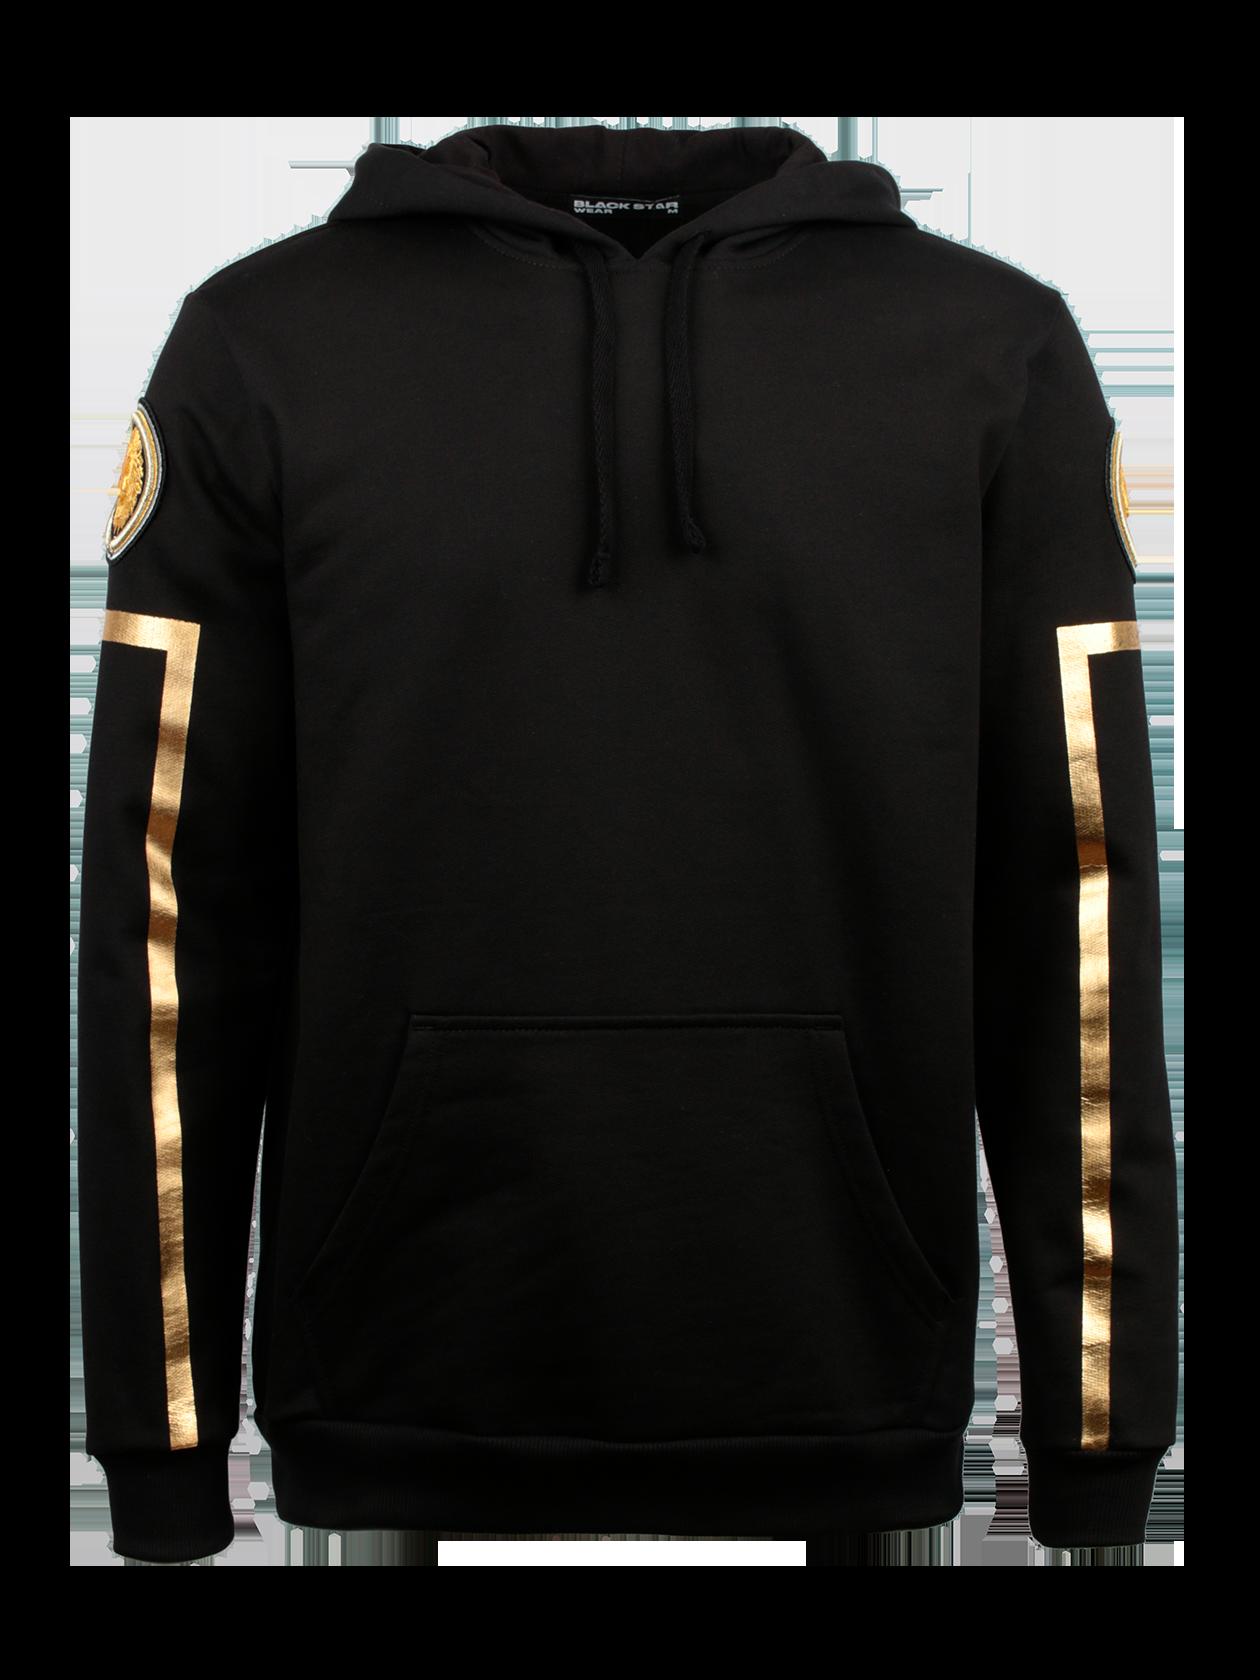 Костюм спортивный унисекс ROYALTY GOLDОригинальный и яркий костюм спортивный унисекс Royalty Gold из коллекции Black Star Wear. Комплект выполнен в практичном черном цвете, изготовлен из высококачественного бленда натурального хлопка, поэтому отлично подойдет в качестве базовой вещи. Верх в виде толстовки с капюшоном на завязках и карманом-трапецией. Рукава декорированы голографическими золотыми полосками и круглыми нашивками с символикой бренда Black Star. Брюки прямого, слегка зауженного кроя с фиксирующим поясом и голенищем.<br><br>Размер: XS<br>Цвет: Черный<br>Пол: Мужской